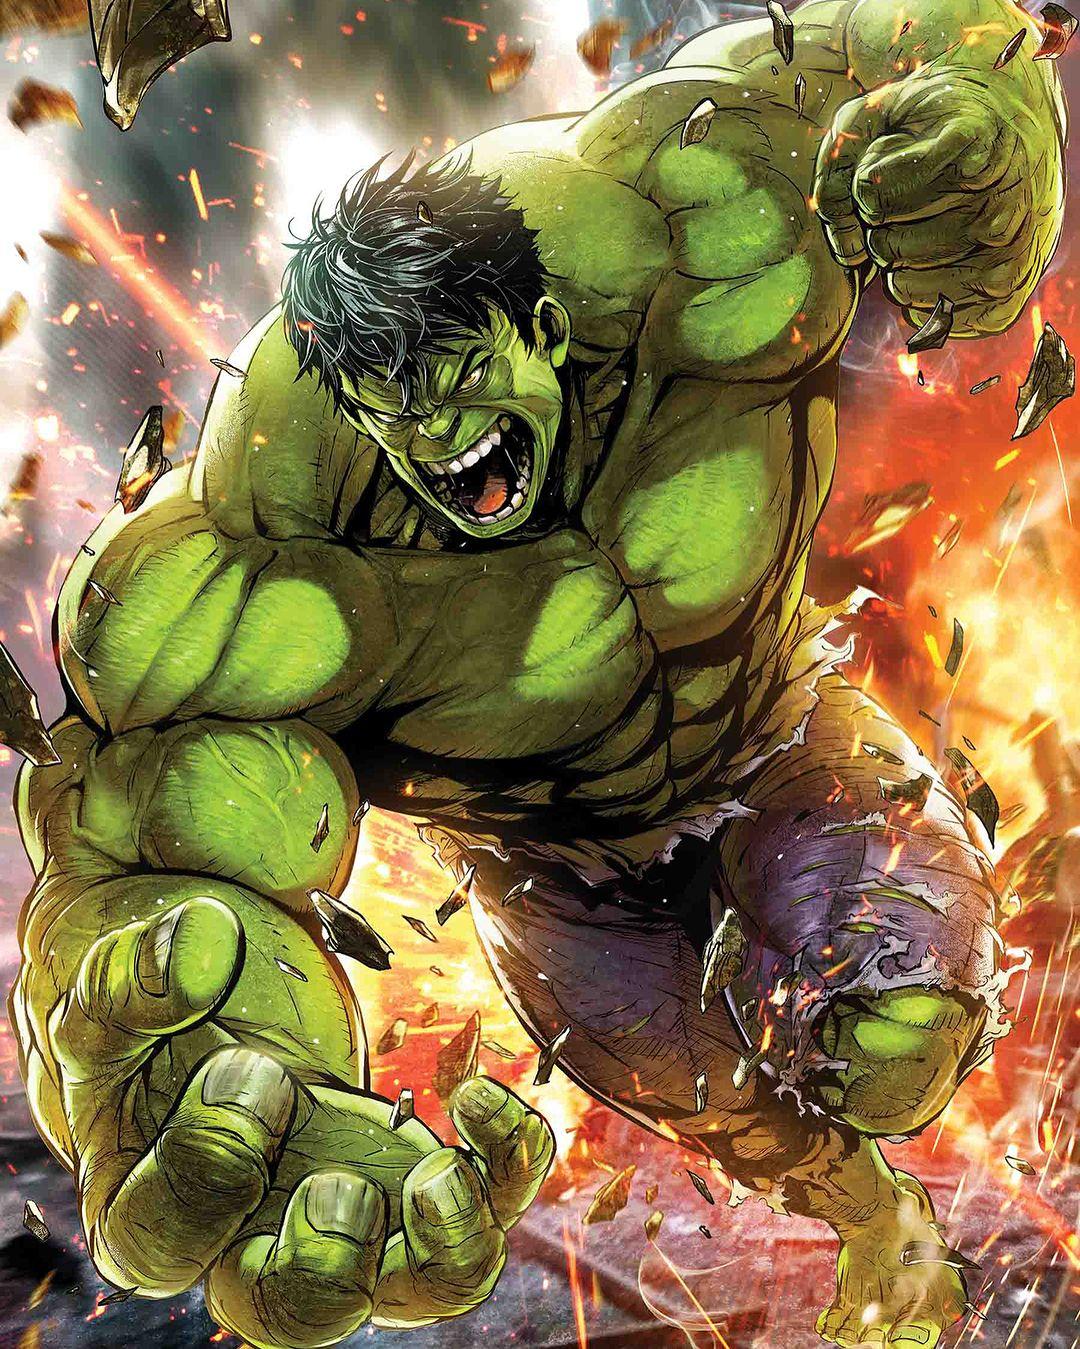 Pin by Hùng Hùng on Drawing Ideas | Hulk comic, Hulk marvel, Hulk artwork